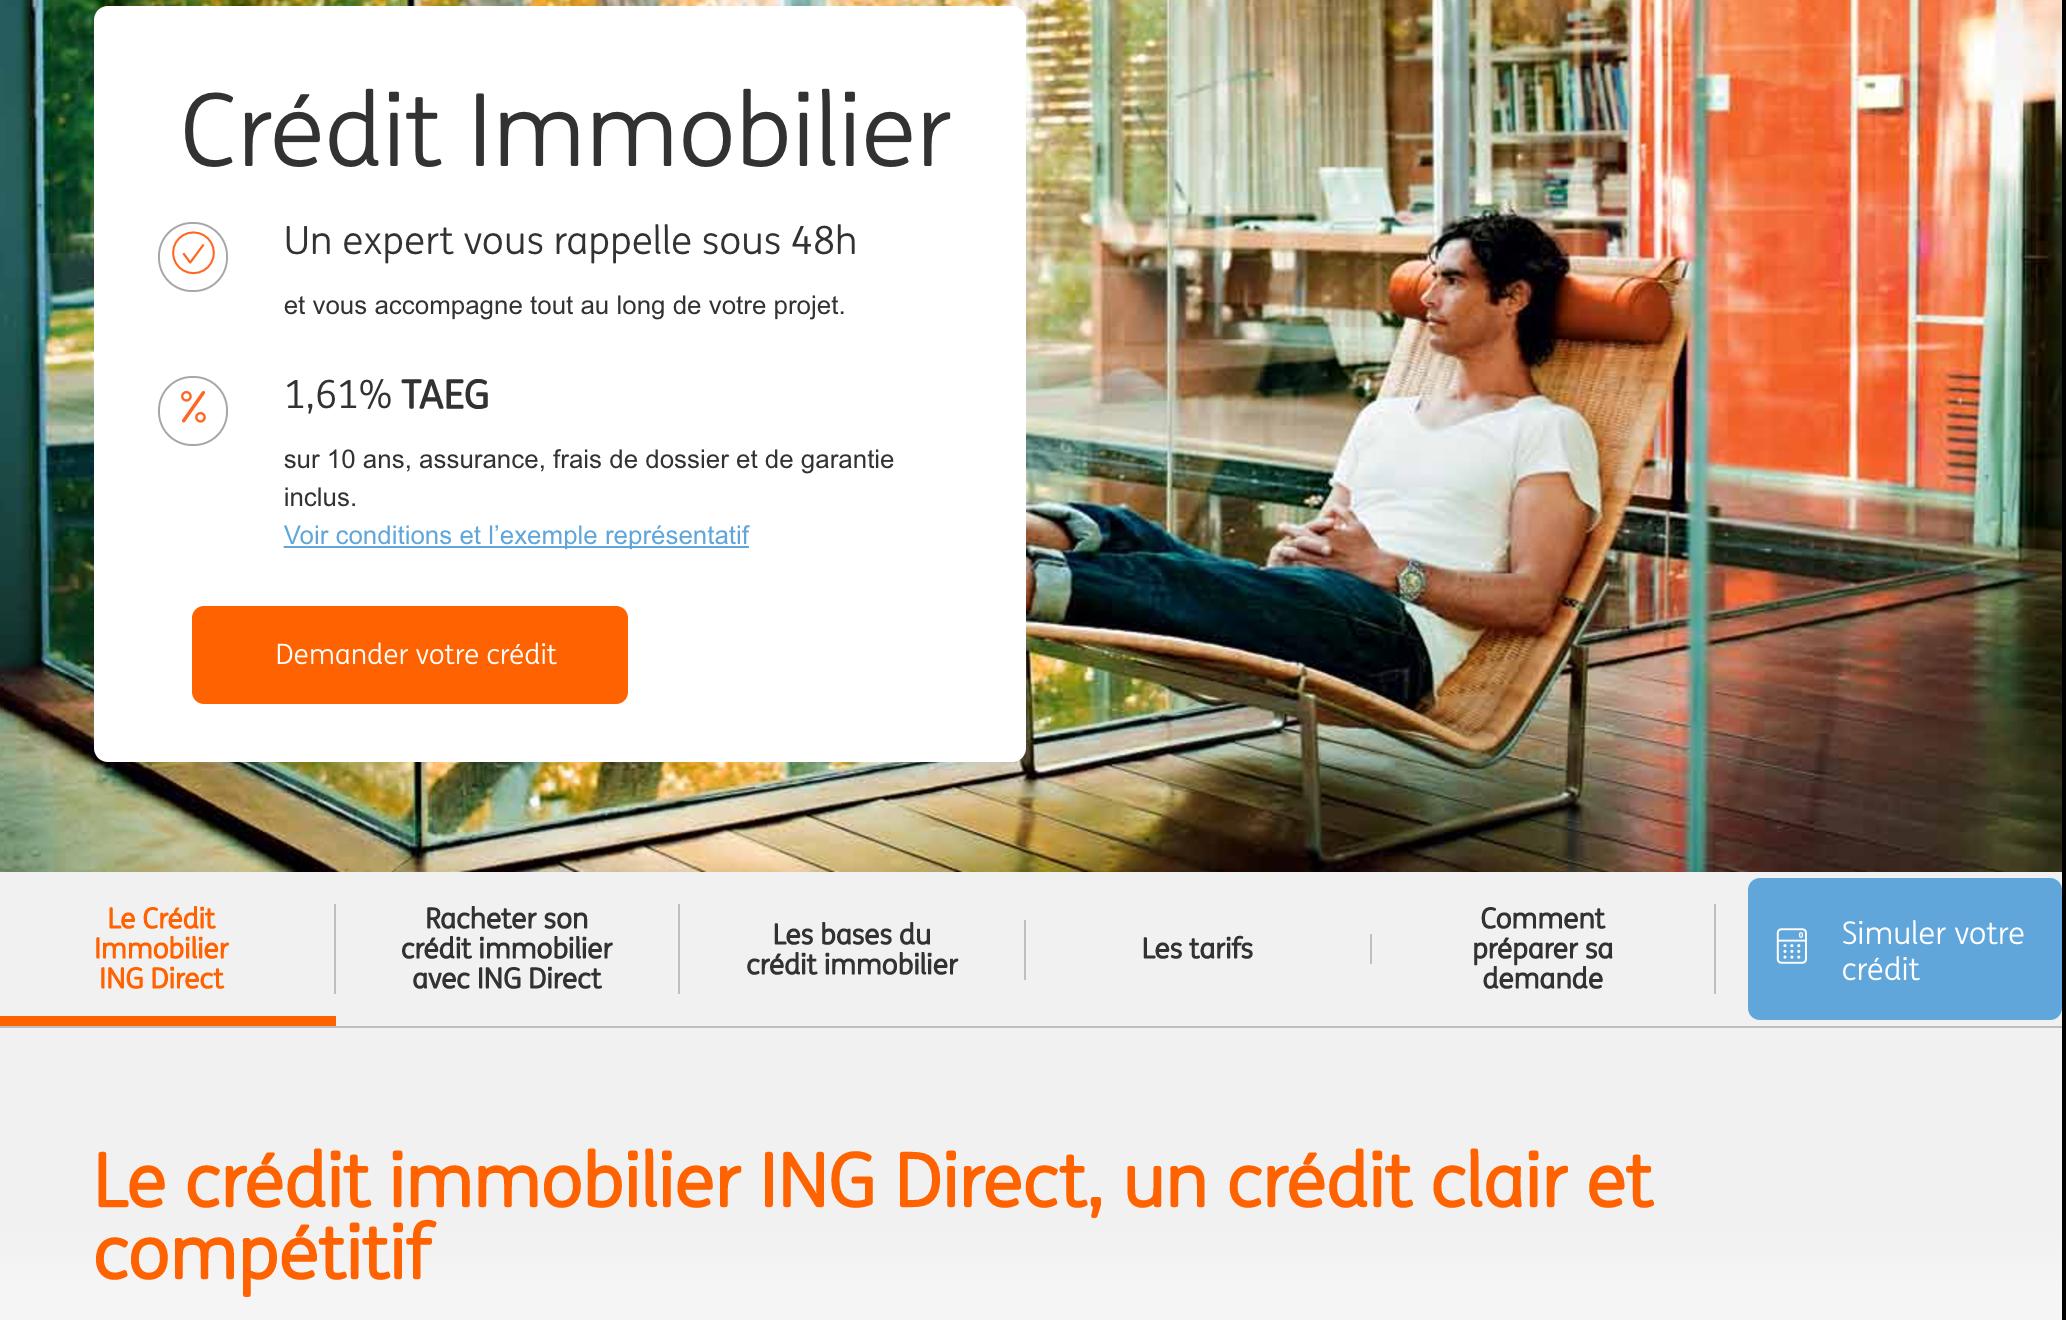 ING Direct rachète les crédits à un tarif très avantageux